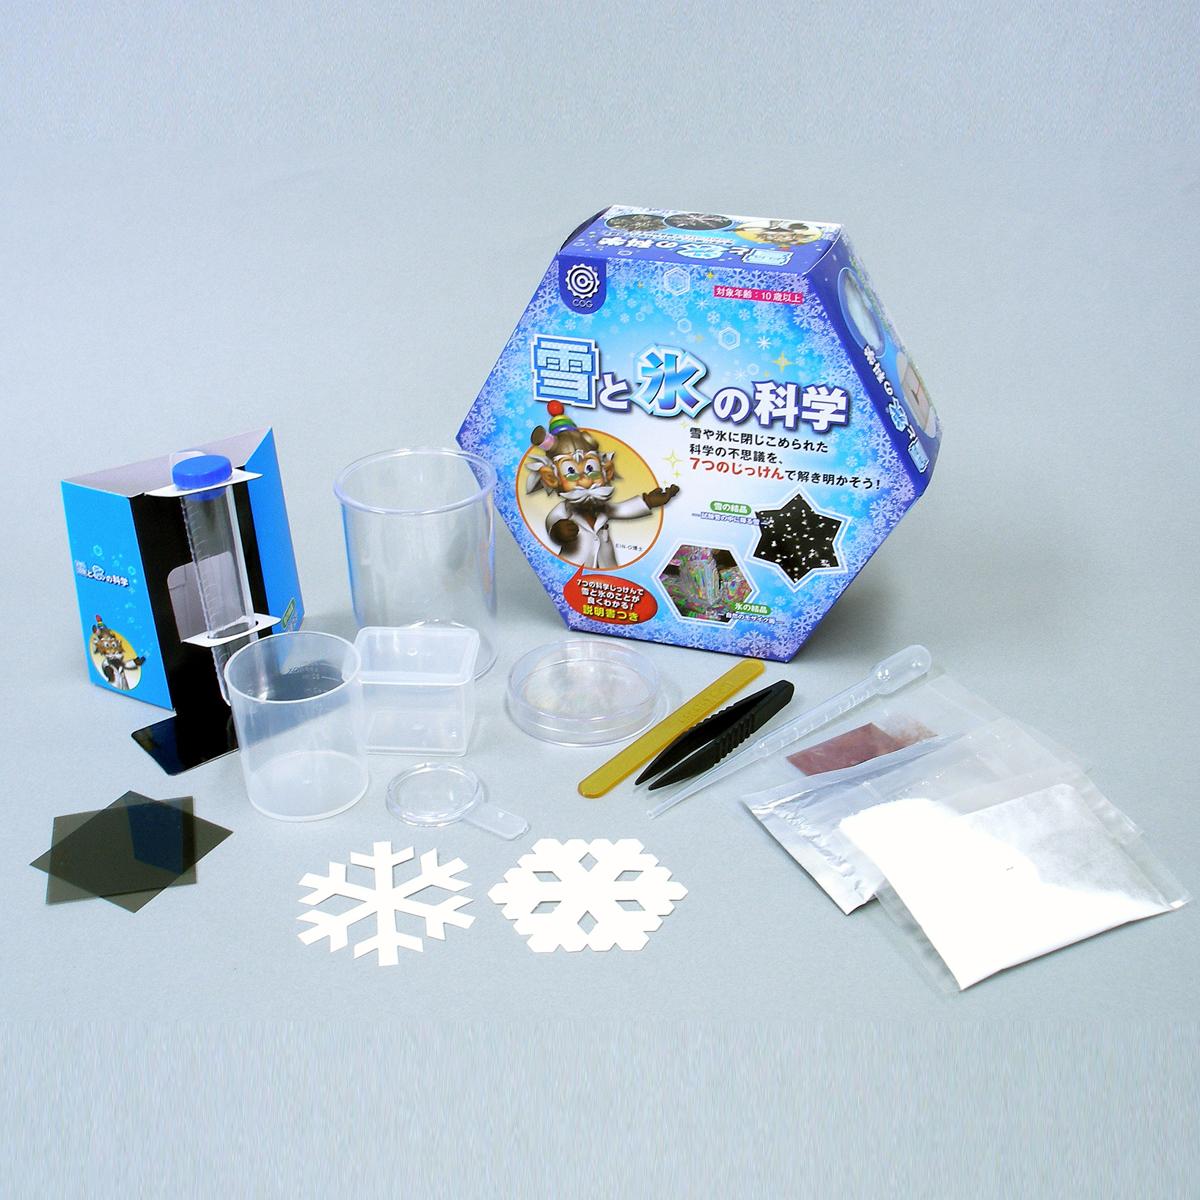 雪と氷の科学 実験セット グッズ 簡単 夏休み 自由研究 小学生 中学生 科学 理科 キット おもしろ実験 おもちゃ クリスマスプレゼント